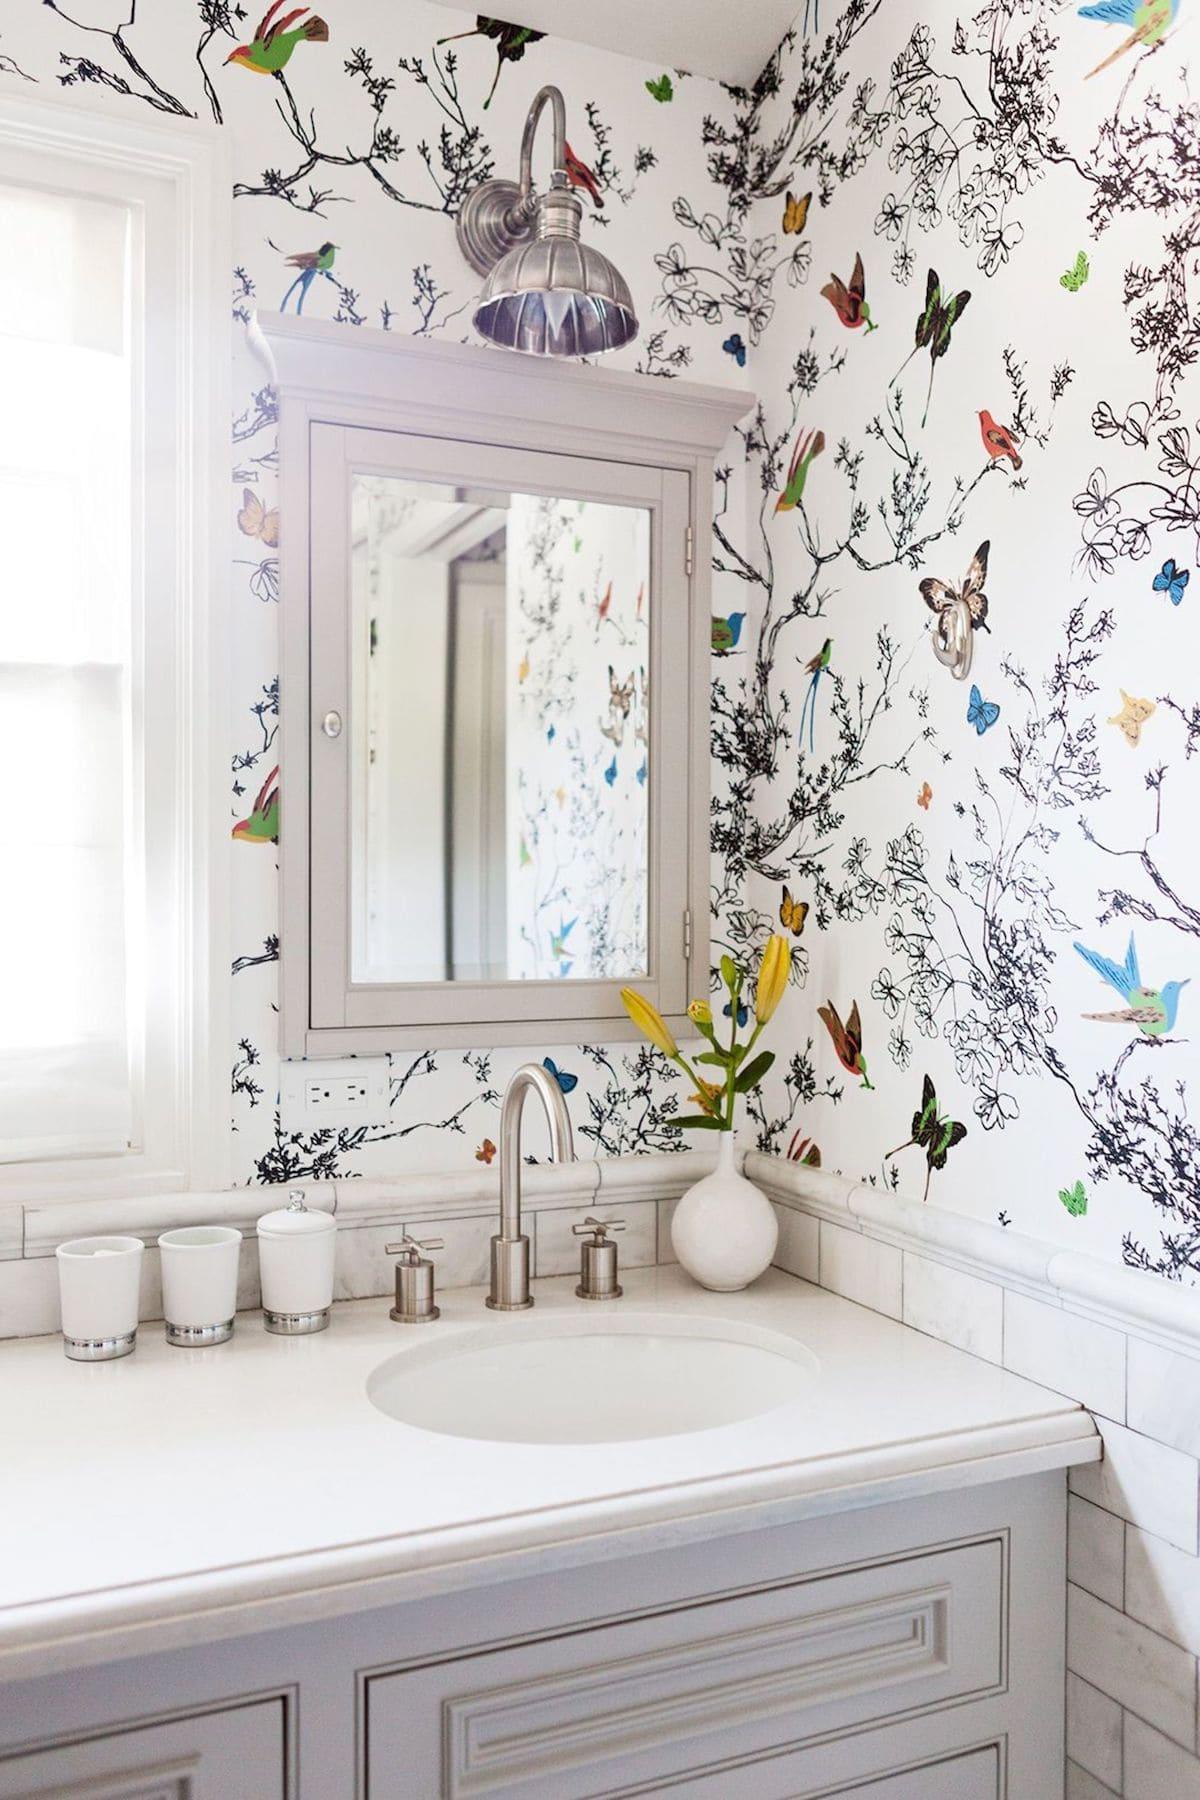 дизайн интерьера ванной комнаты фото 25